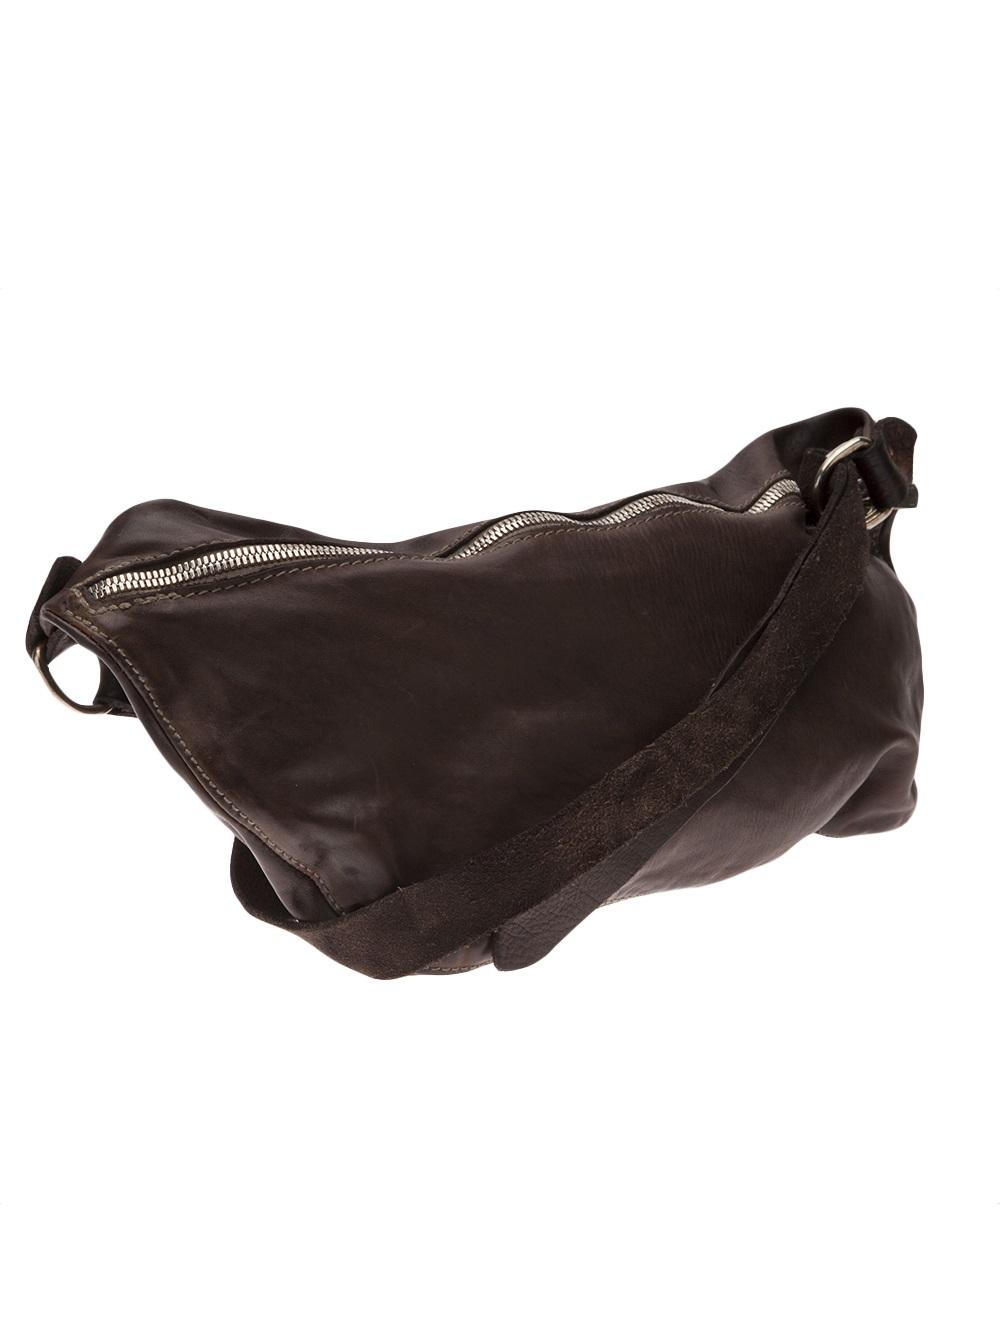 Guidi Full Grain Small Bag In Brown For Men Lyst